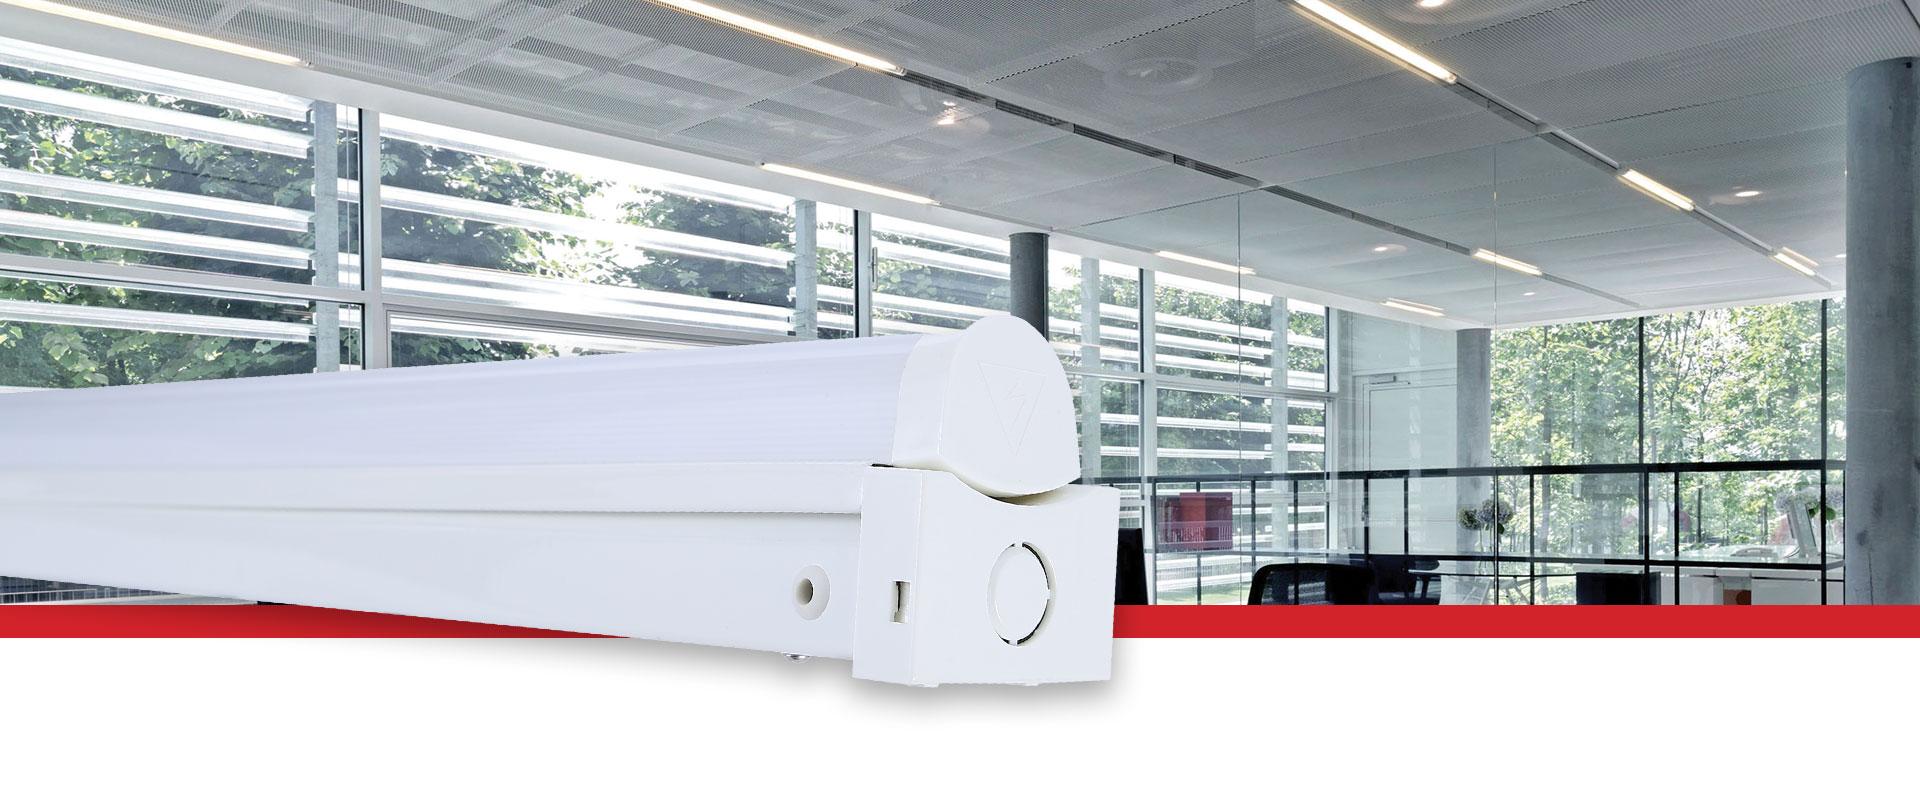 Prelux Lineout Standard / Emergency LED Batten